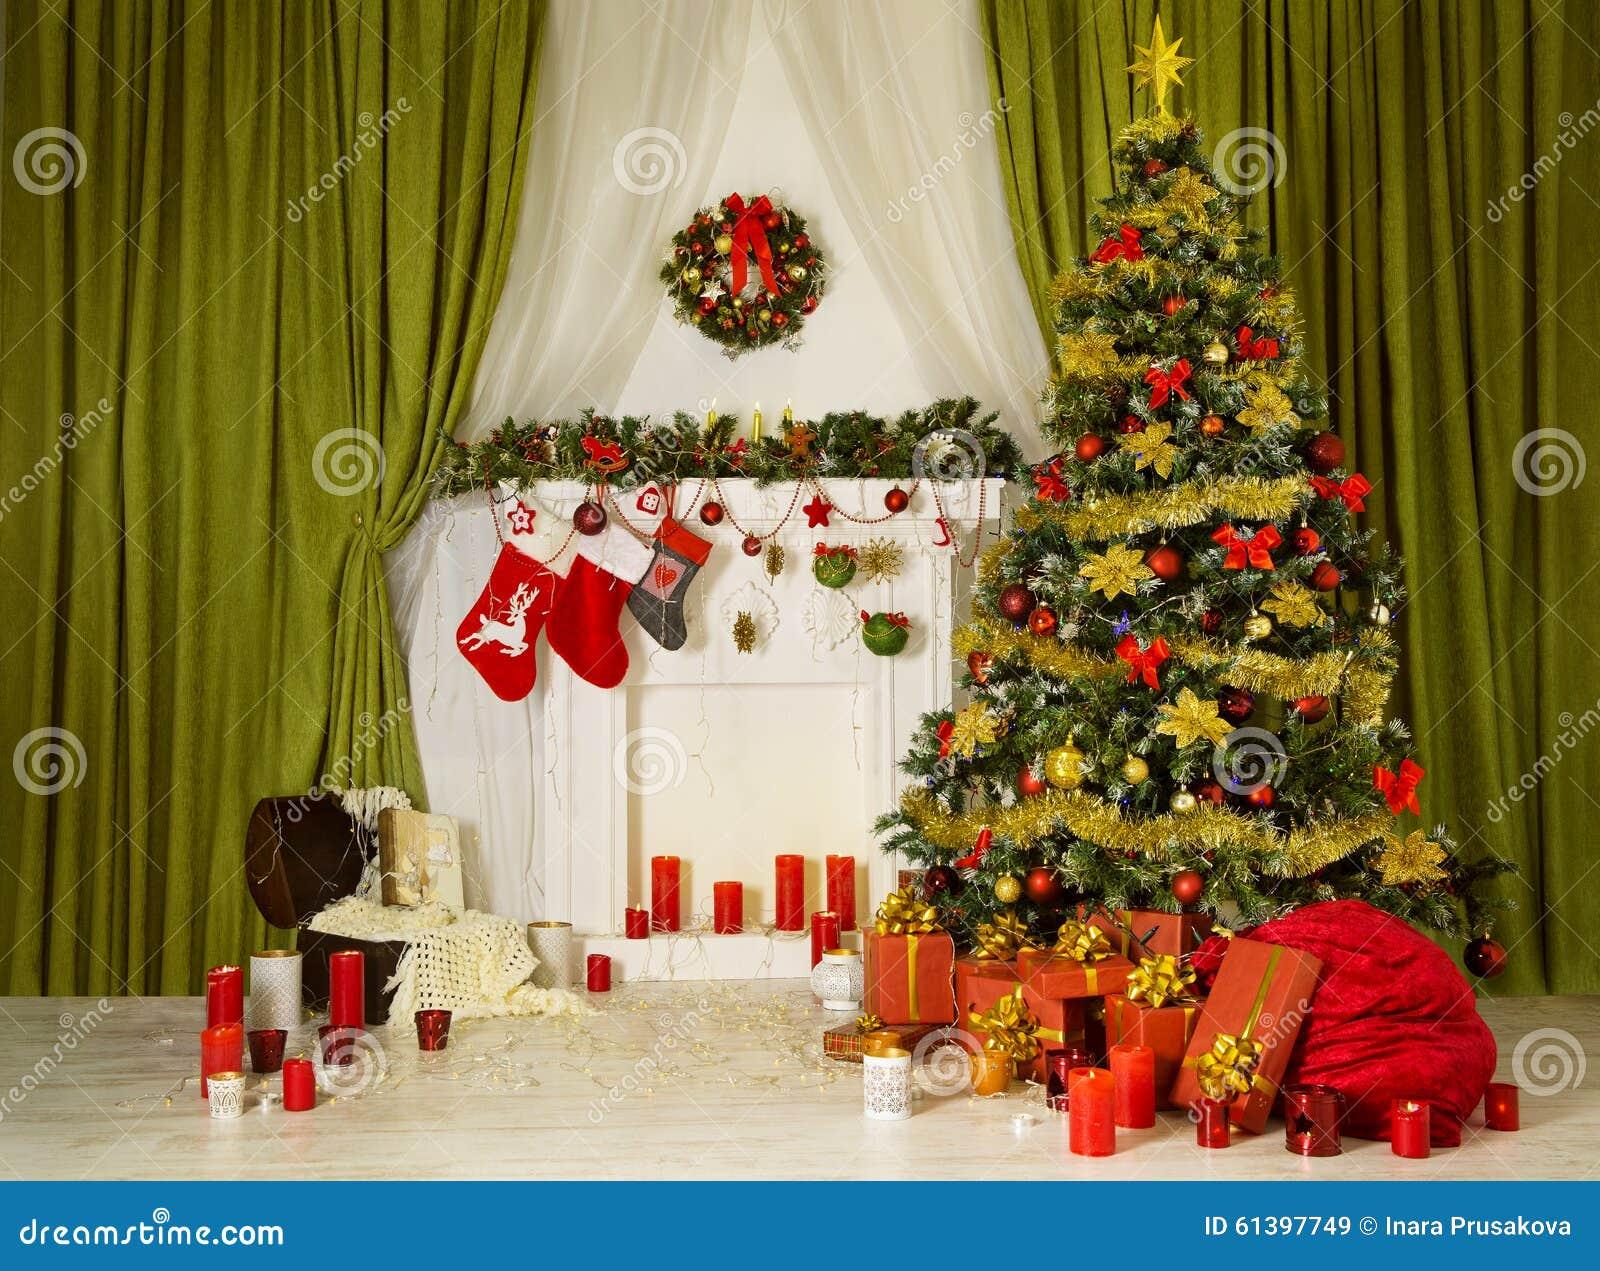 Decorazioni Sala Natale : Albero di natale della sala di natale interno domestico decorato